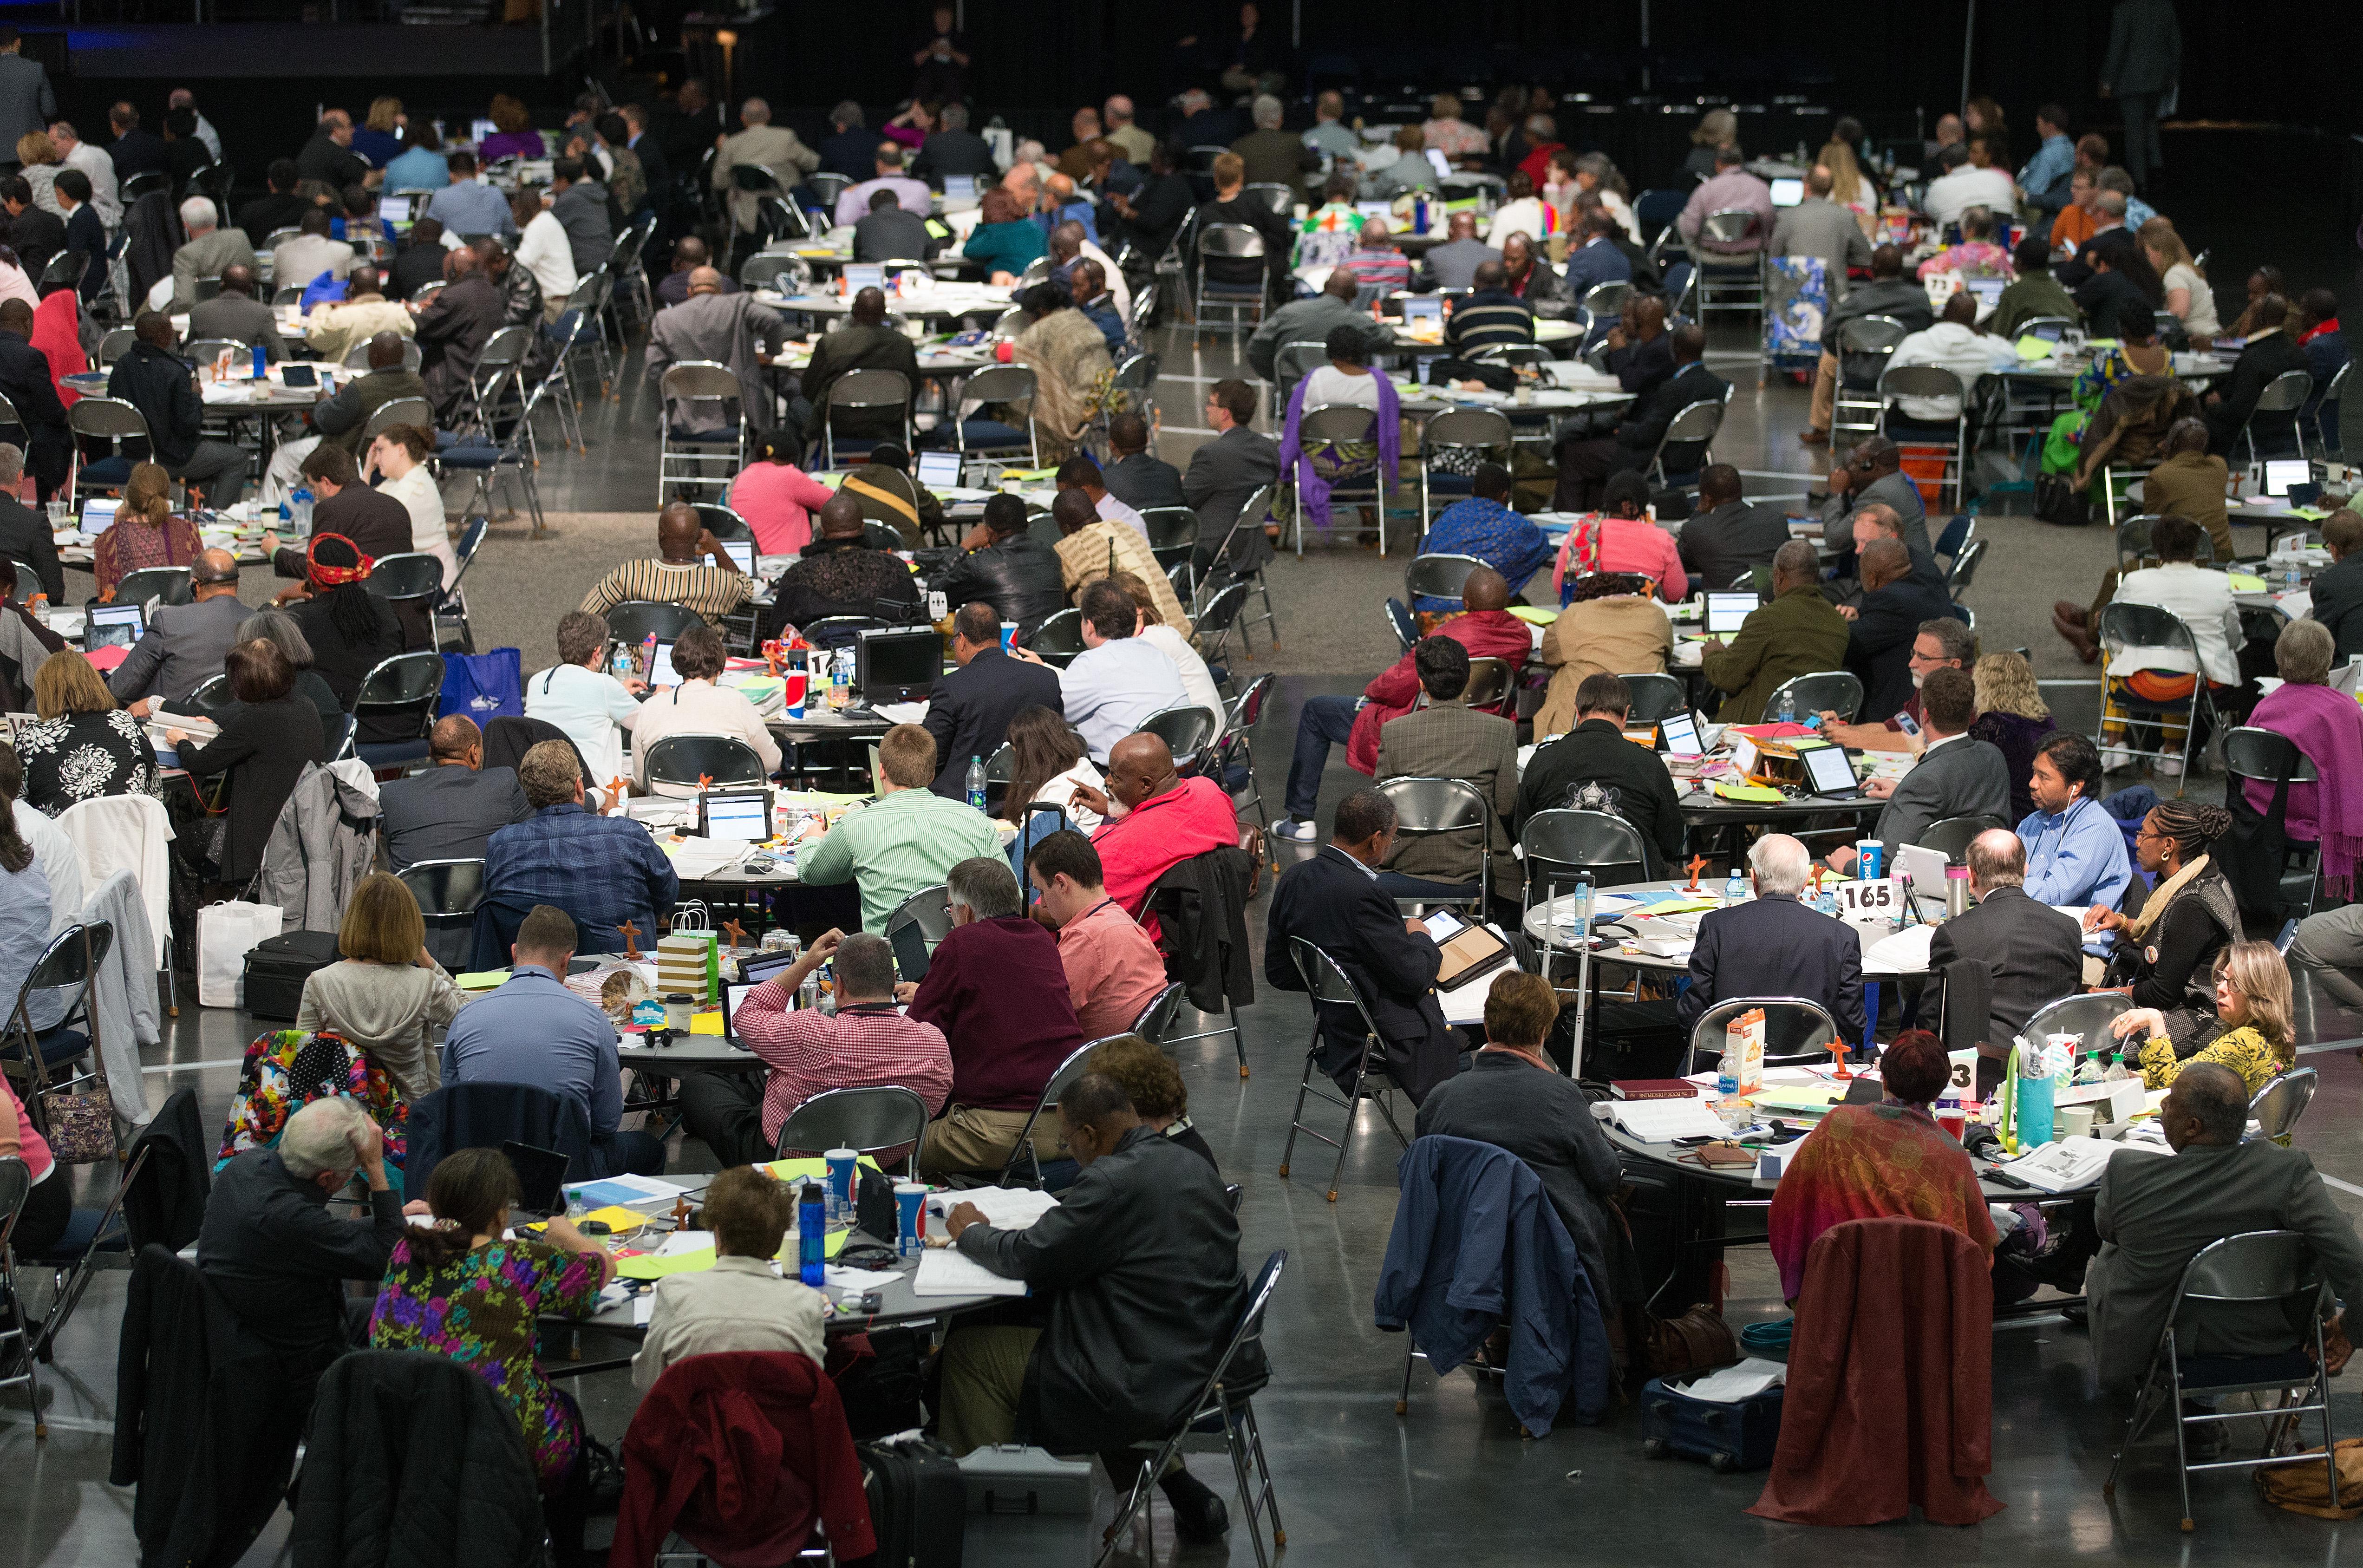 Os delegados consideram a legislação durante a Conferência Geral Metodista Unida de 2016 em Portland, Oregon. Foto de arquivo por Mike DuBose, SMUN.